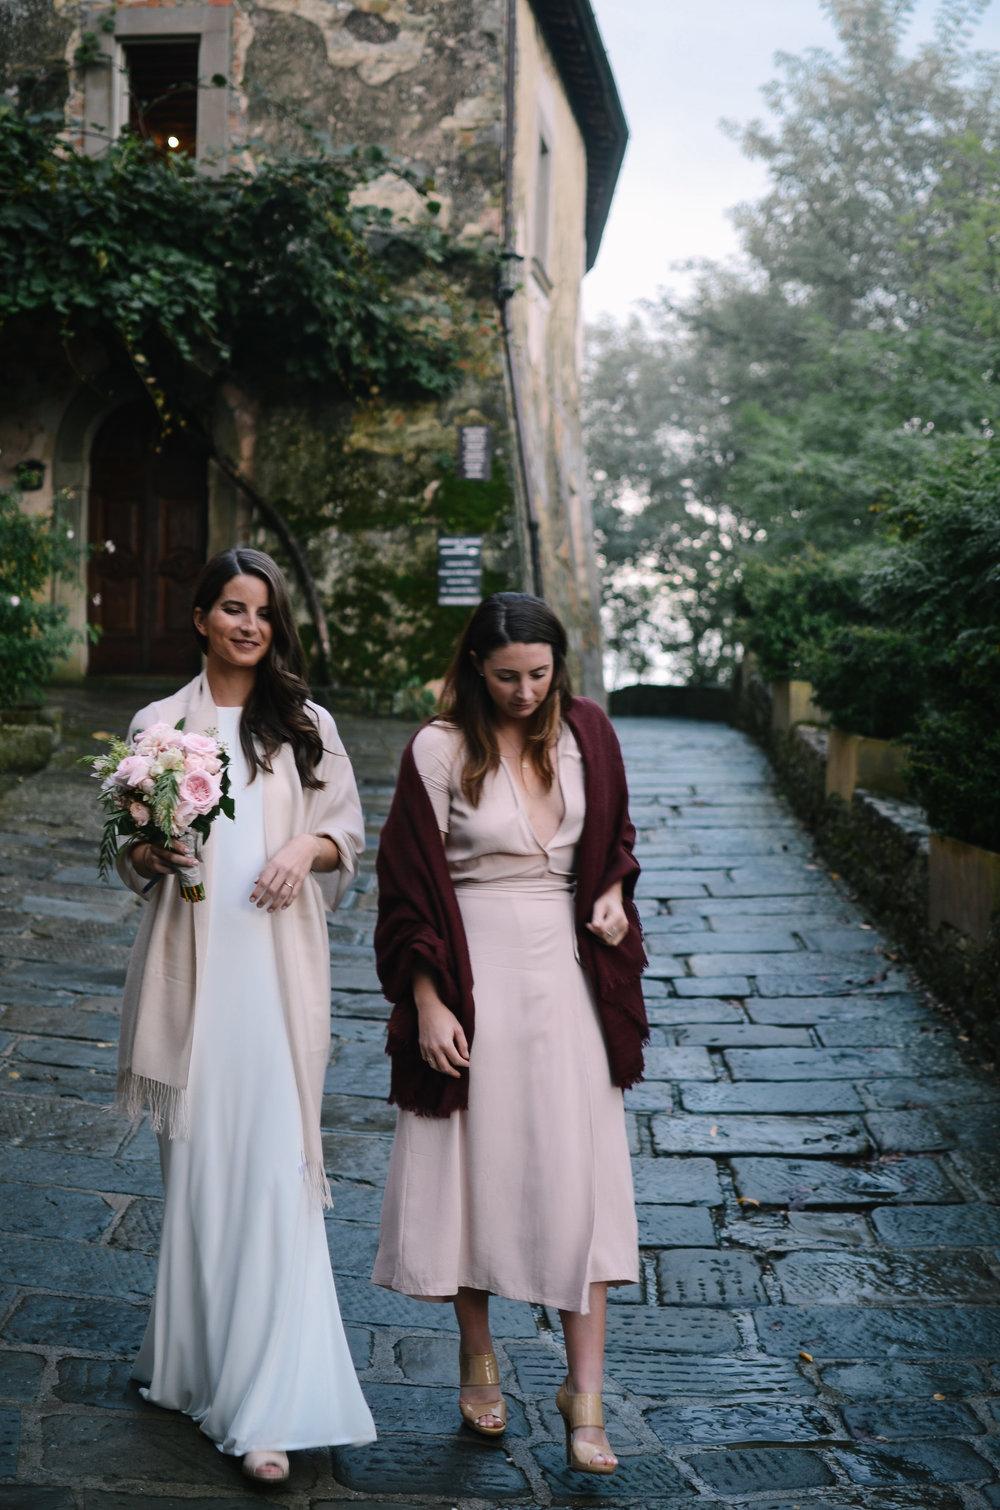 il-borro-toscana-wedding-tuscany-lifeonpine_DSC_1040.jpg